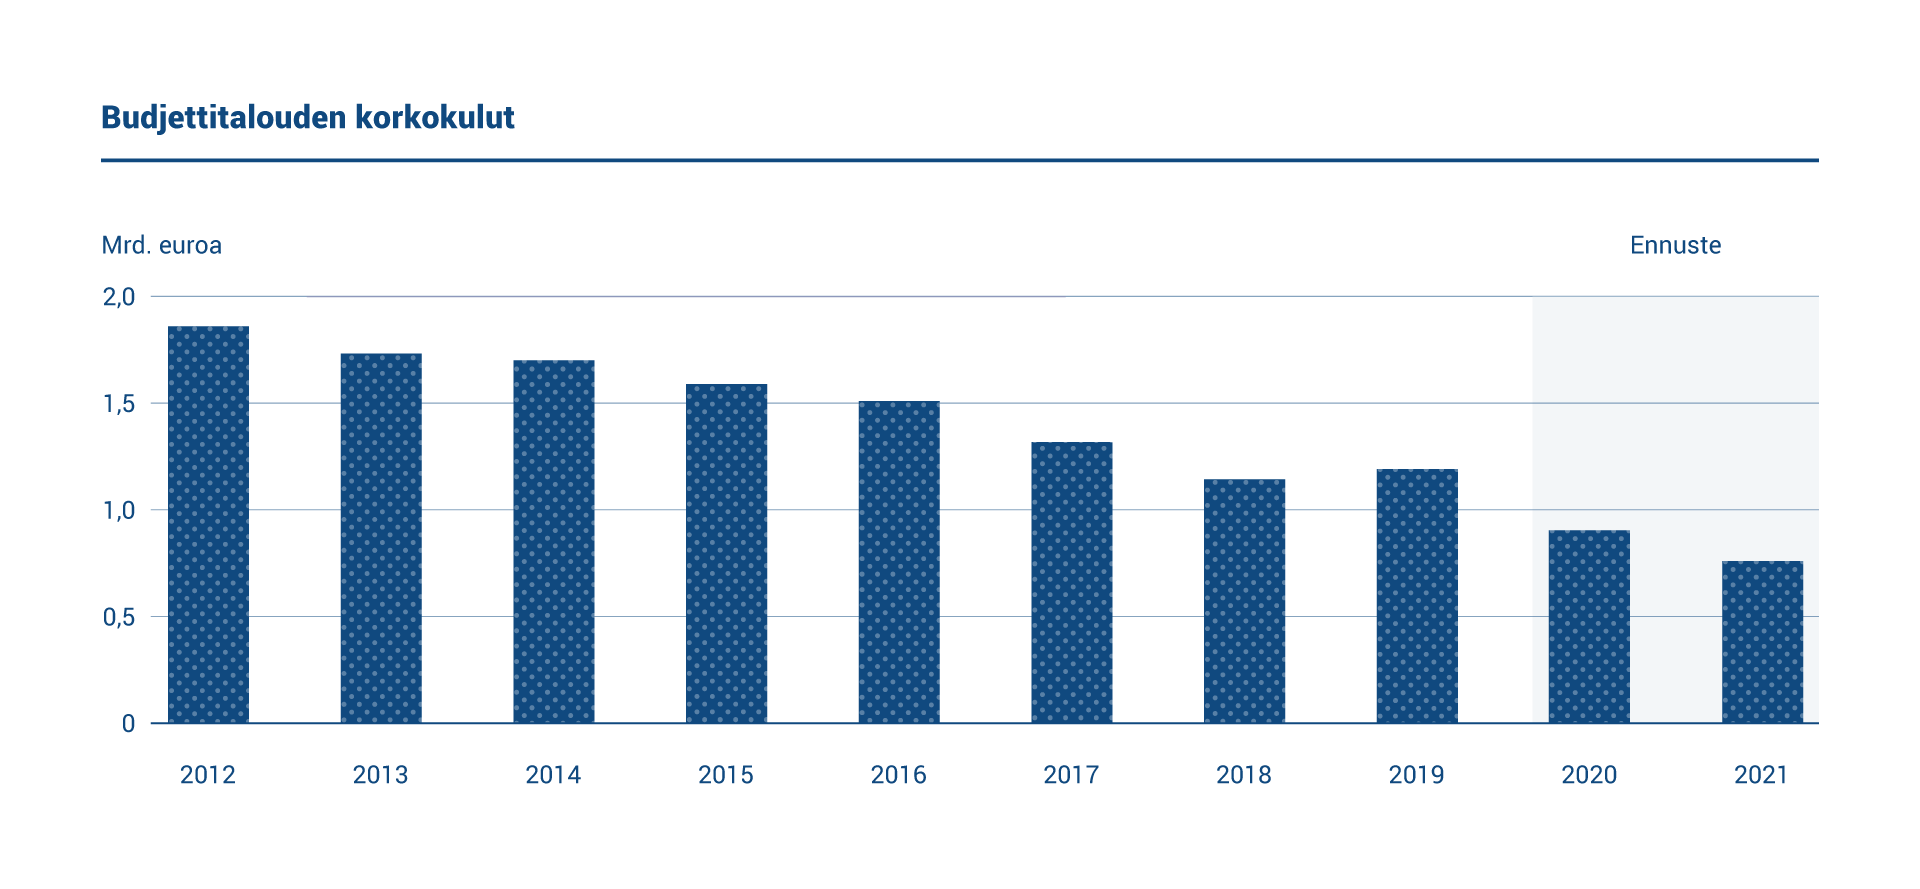 Kaaviossa esitetään budjettivelan vuosittaiset korkokulut vuosilta 2012–21. Korkokulut vuonna 2020 olivat 0,9 miljardia euroa. Ennuste vuodelle 2021 on 0,8 miljardia euroa.